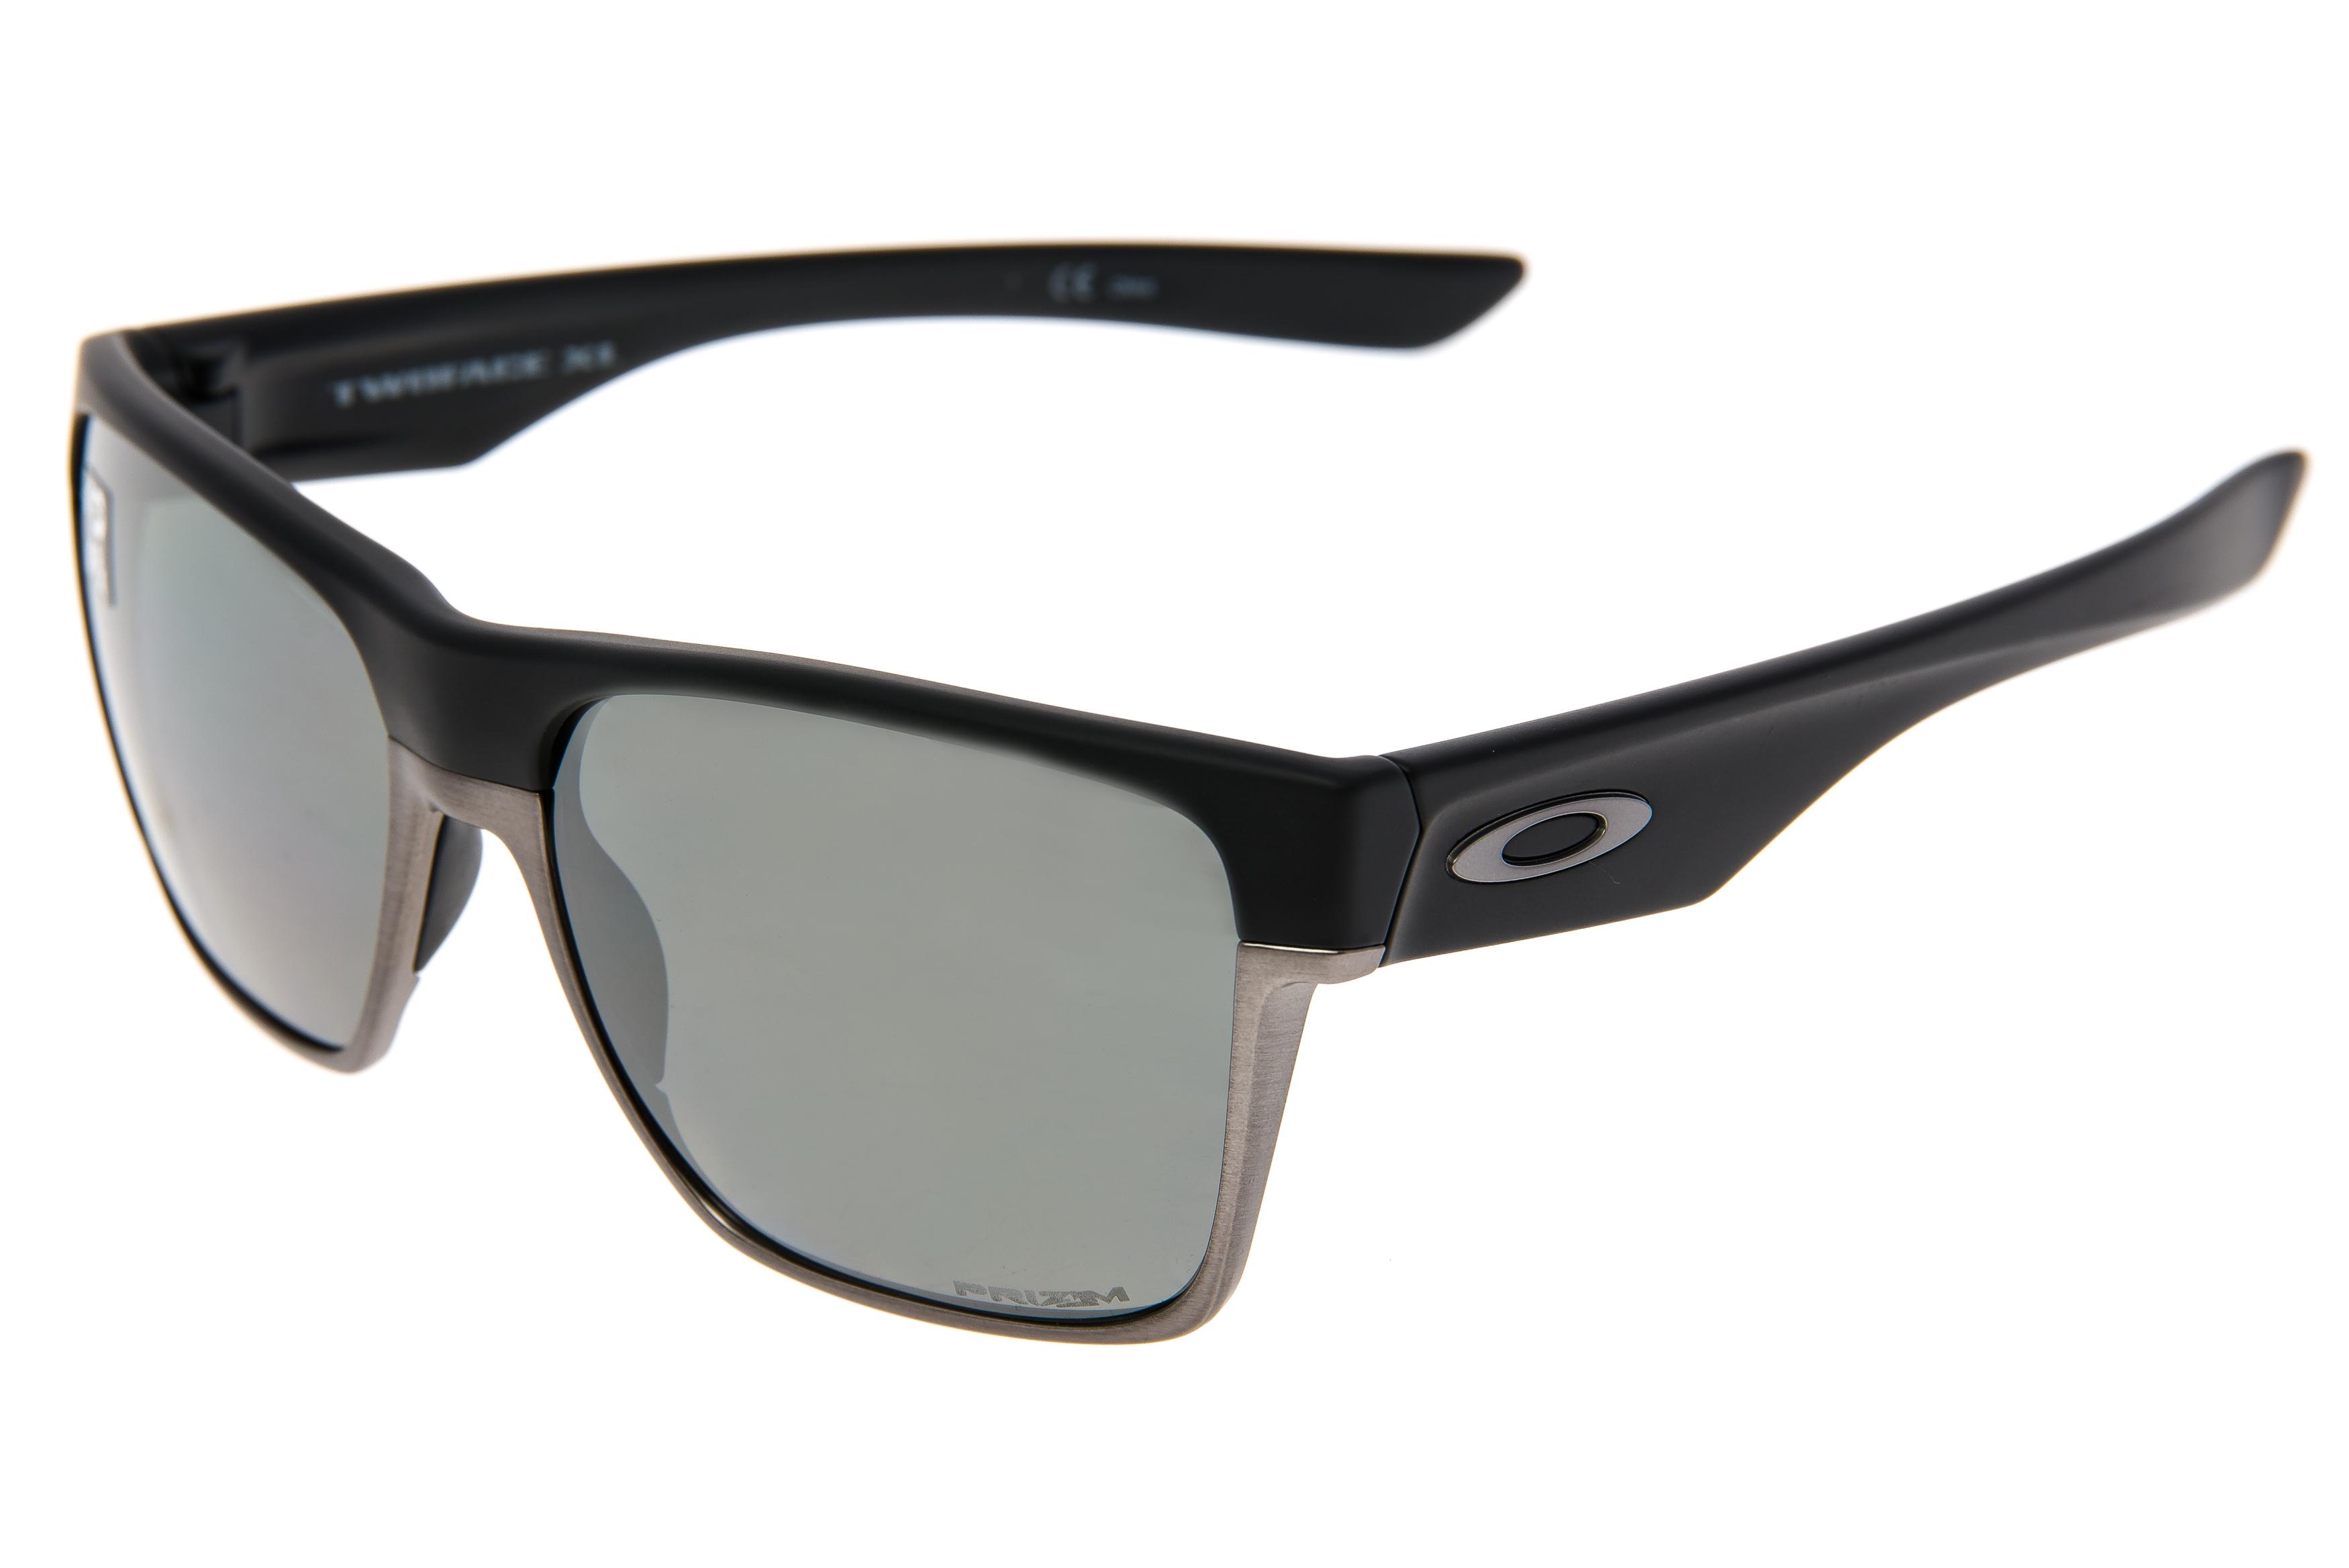 f32b9ad0c42 Details about Oakley TwoFace XL Sunglasses Matte Black Frame Prizm Polarized  Lens - Excellent